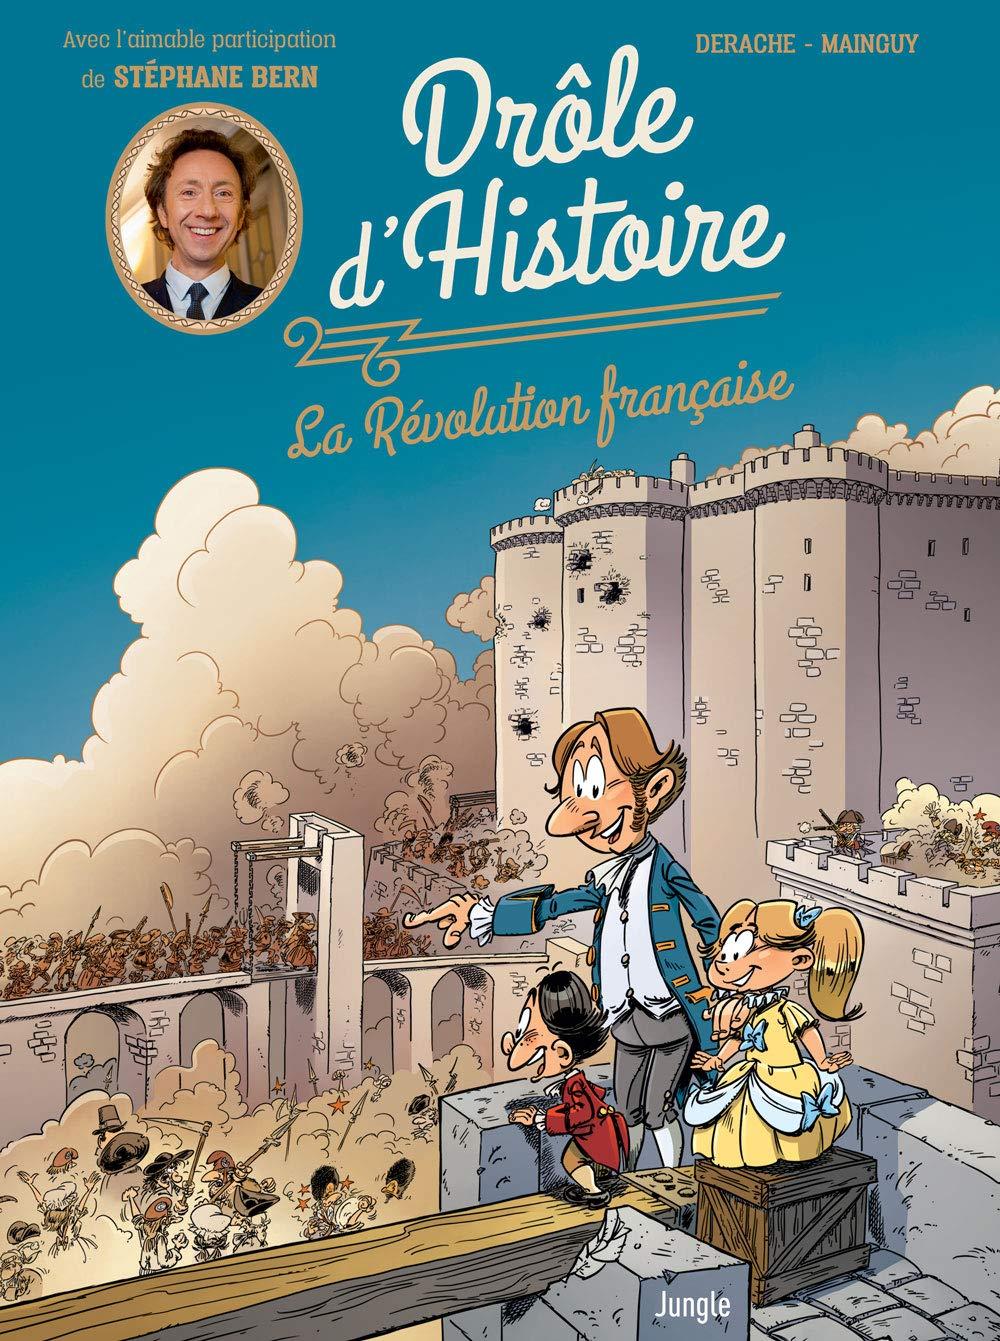 Drôle d'Histoire – tome 1 La Révolution Française (1)